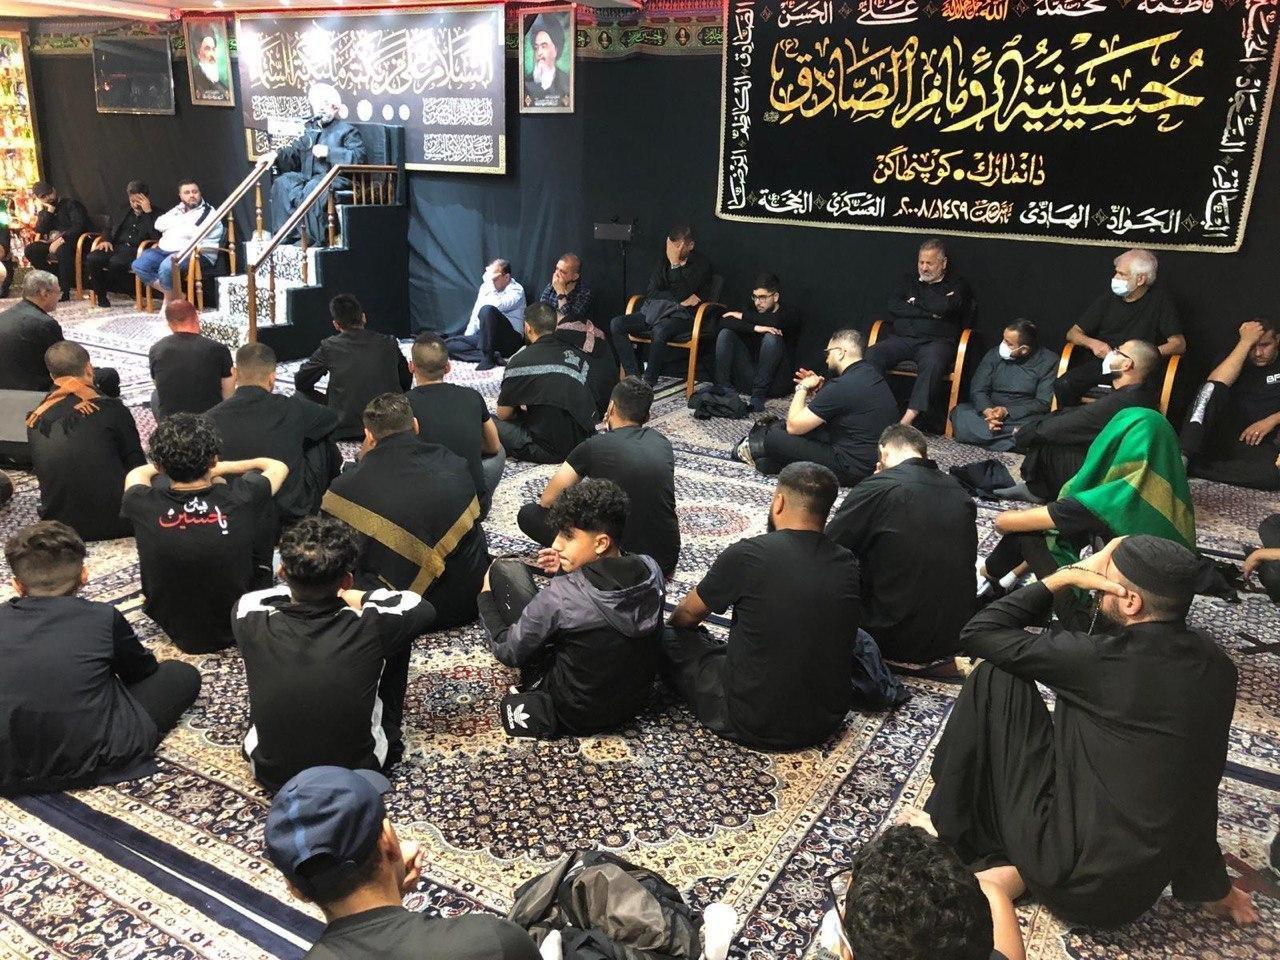 صورة مؤسسة الإمام الصادق عليه السلام في الدنمارك تحيي ذكرى عاشوراء